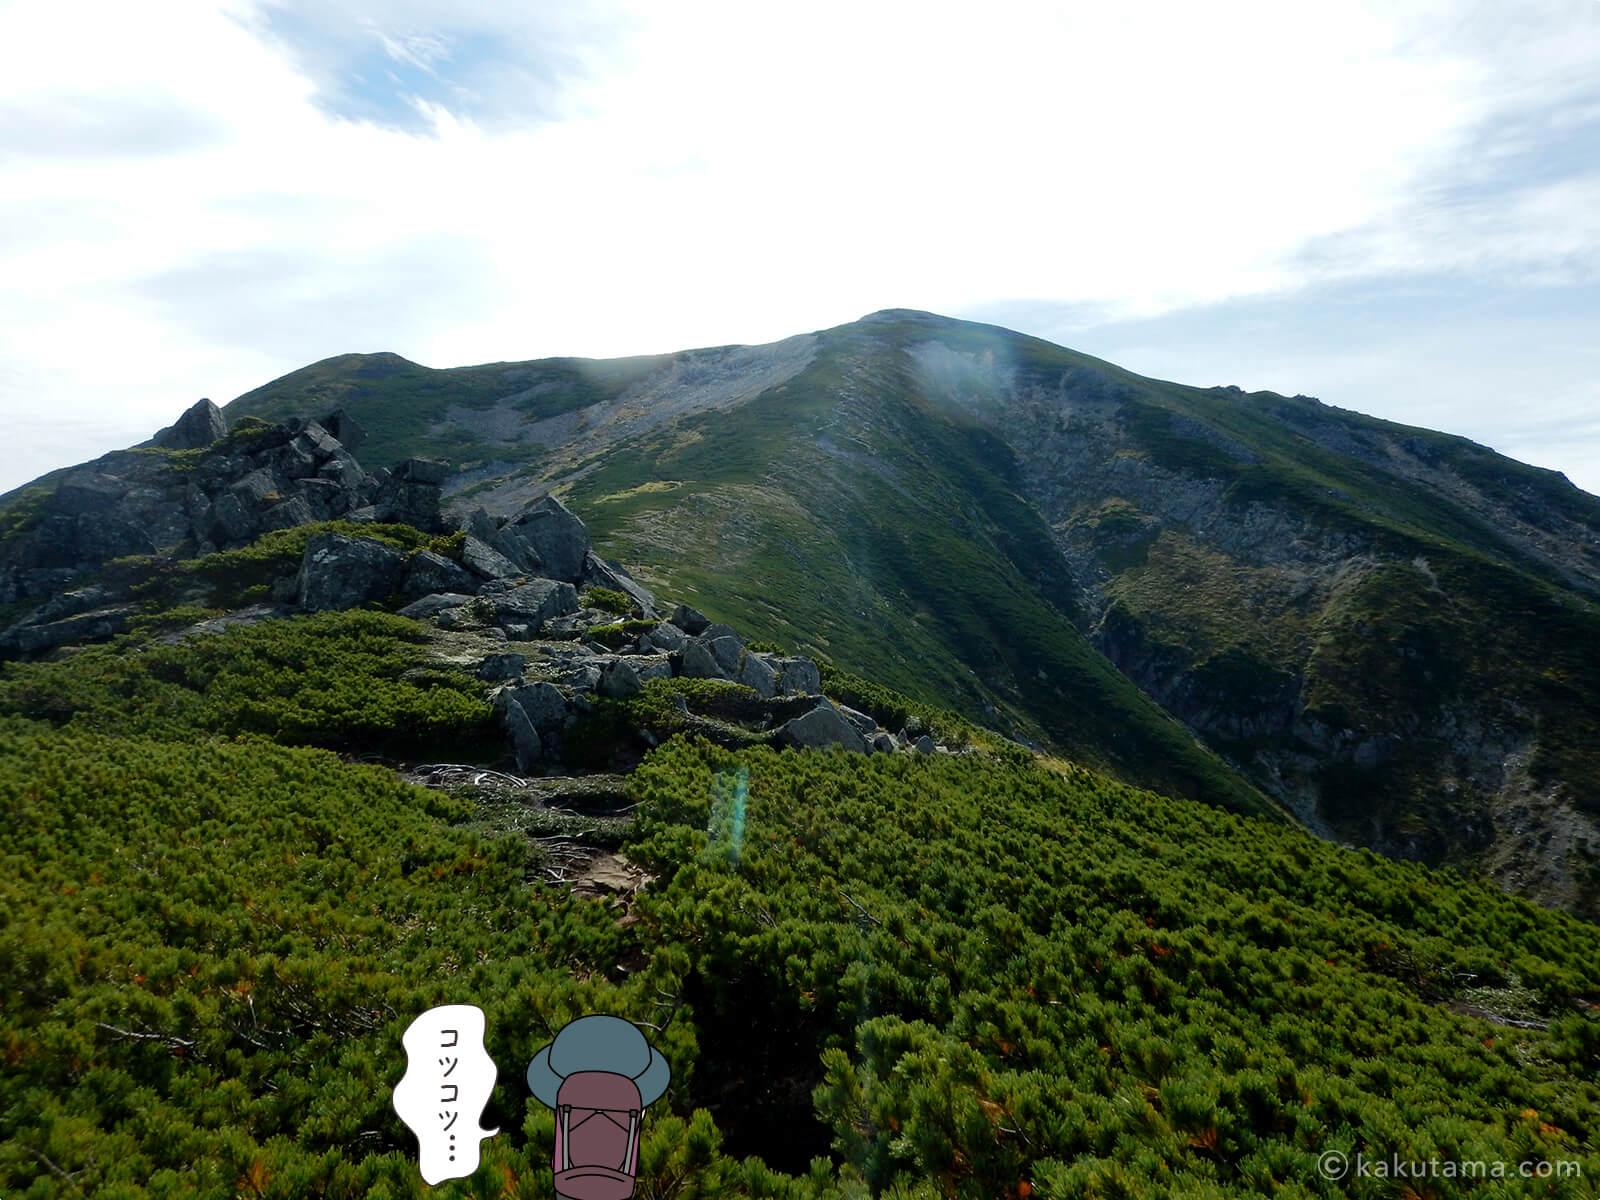 中俣乗越から黒部五郎岳へ向かって登る3